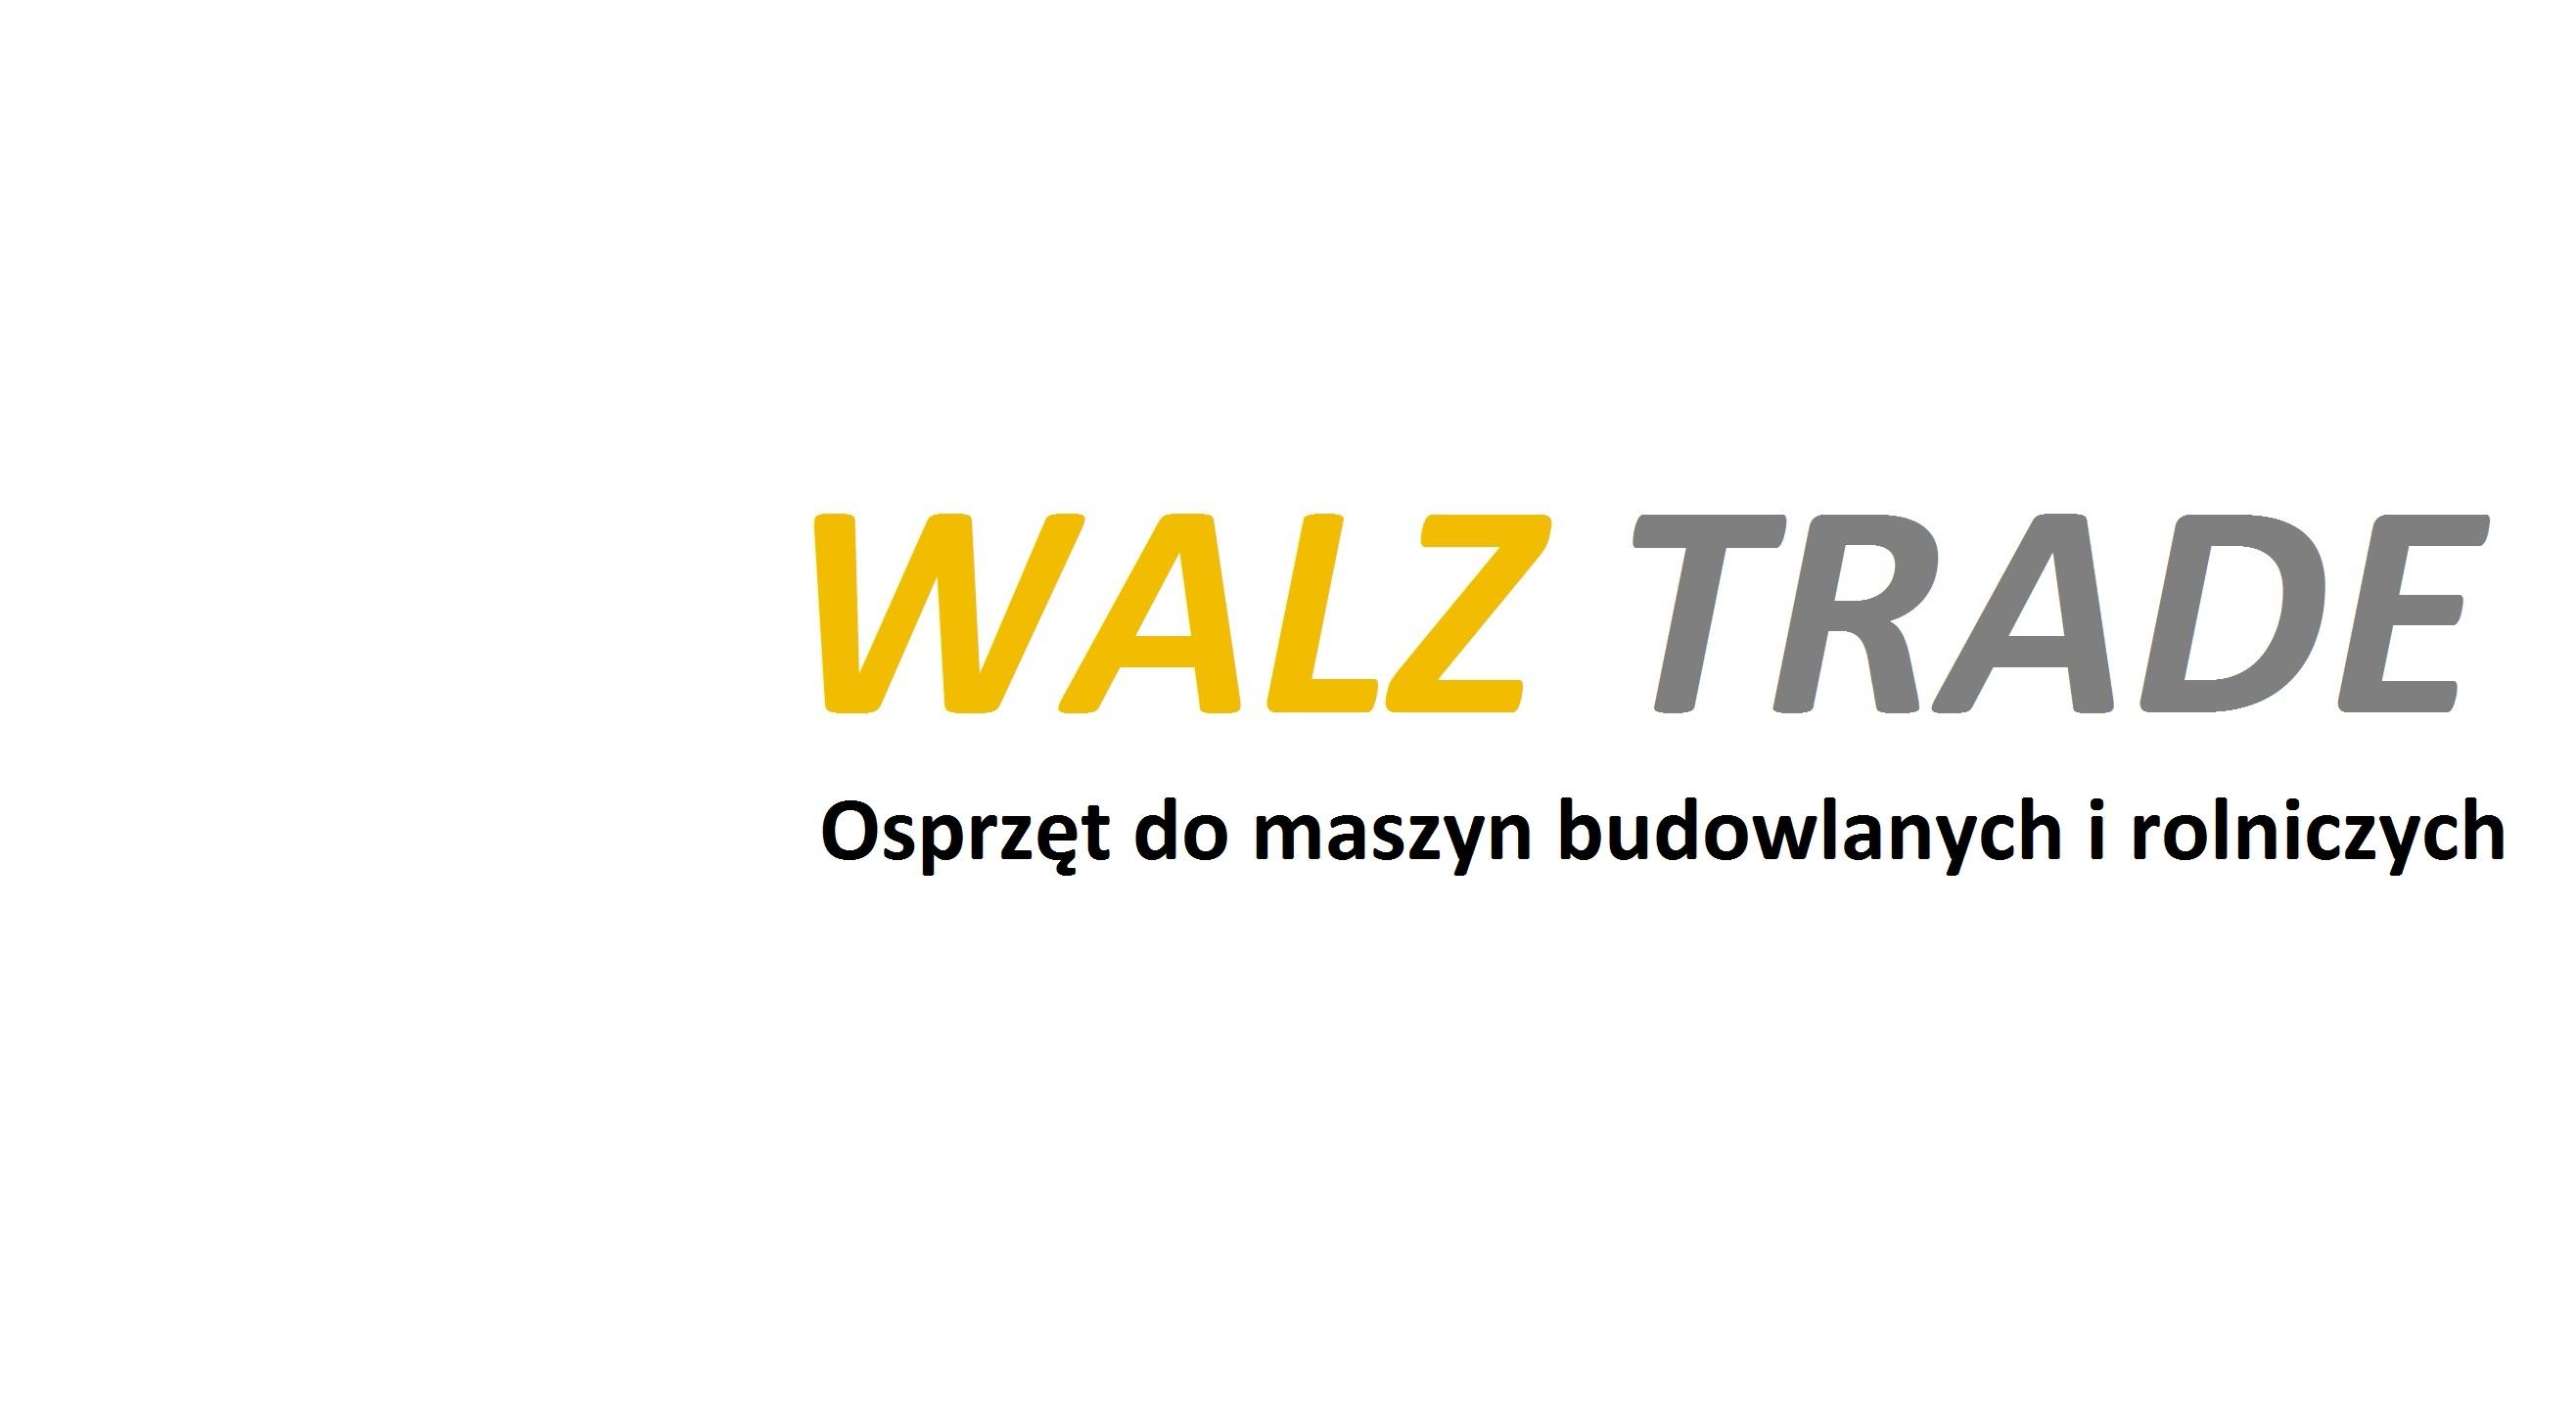 logo walz trade osprzęt